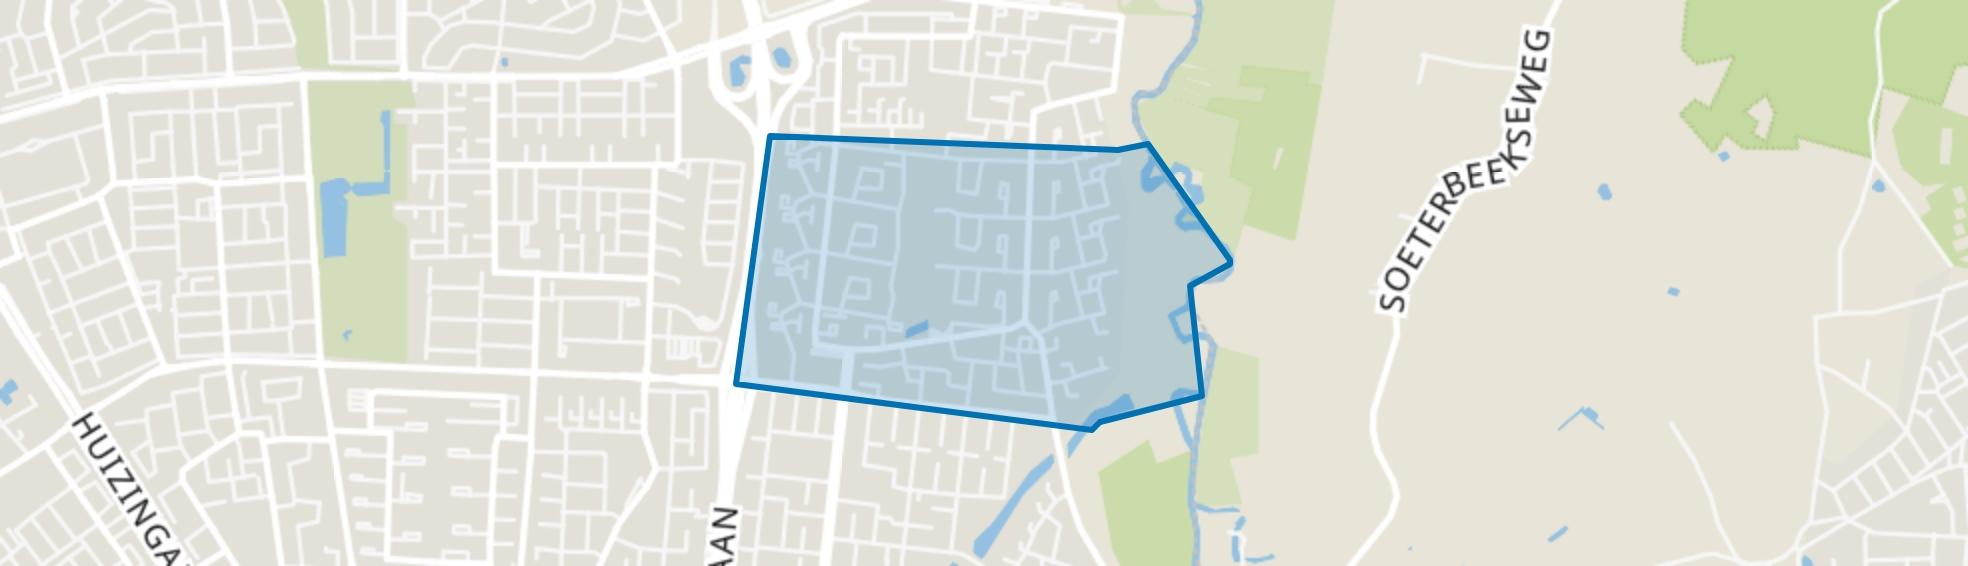 Vaartbroek, Eindhoven map